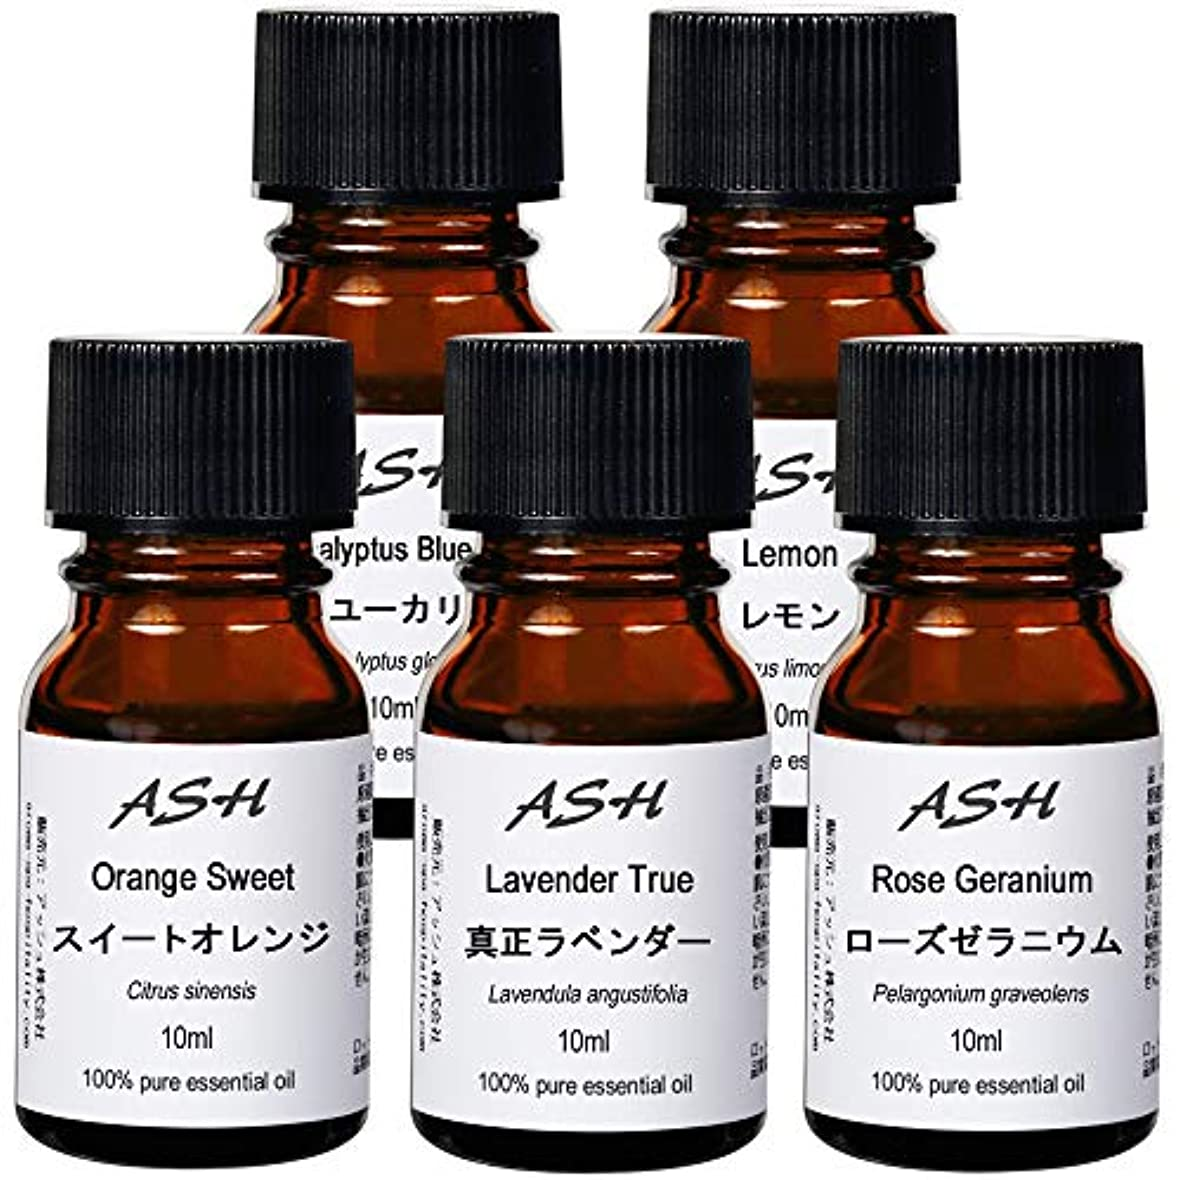 要塞クロス義務付けられたASH エッセンシャルオイル A.お試し 10mlx5本セット (スイートオレンジ/ユーカリ/ラベンダー/レモン/ローズゼラニウム) AEAJ認定精油